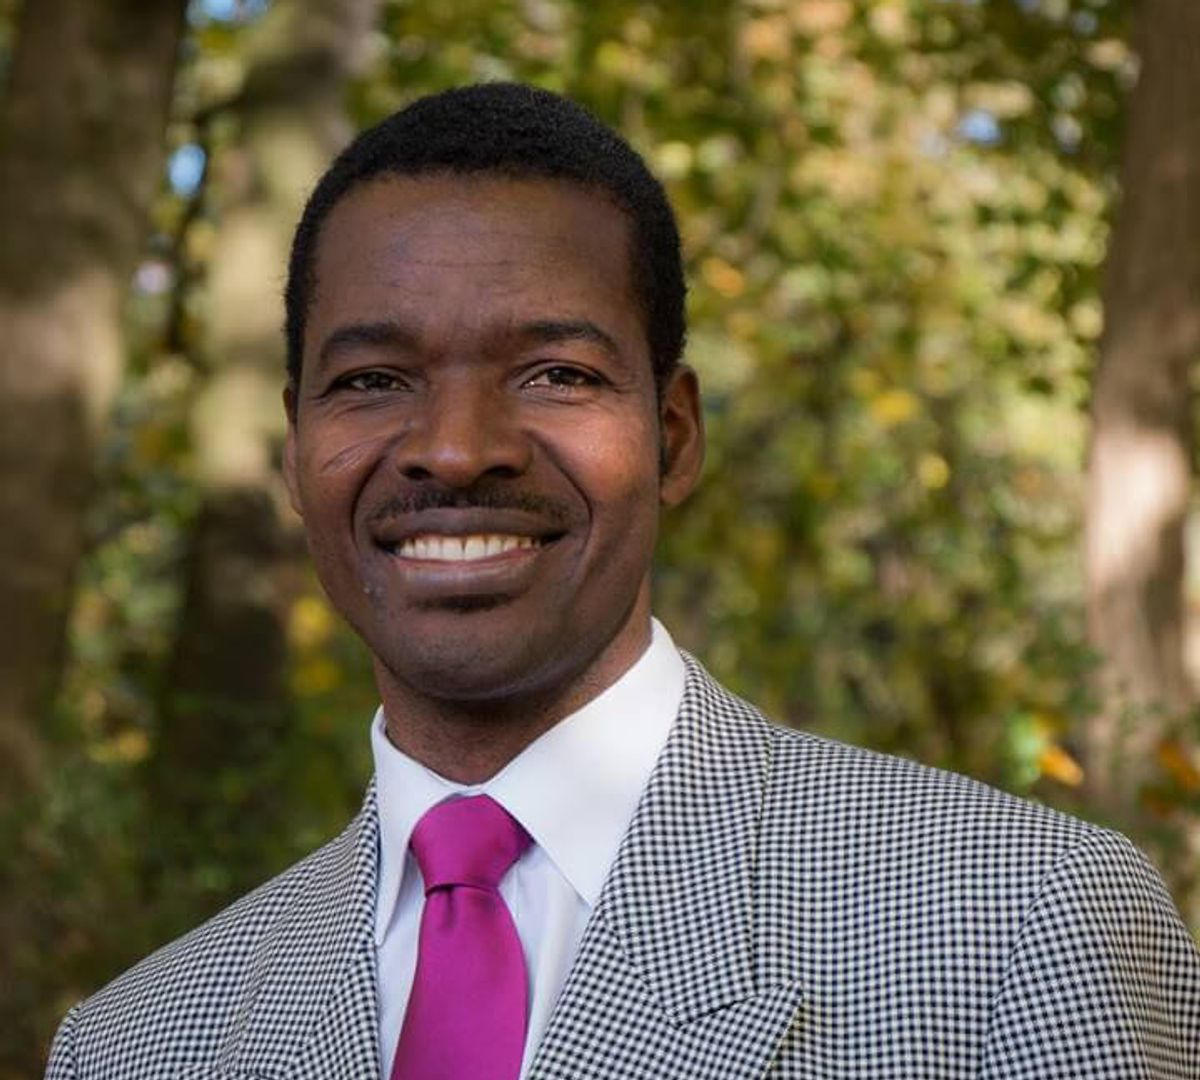 Rev. Dr. Moses Asaah